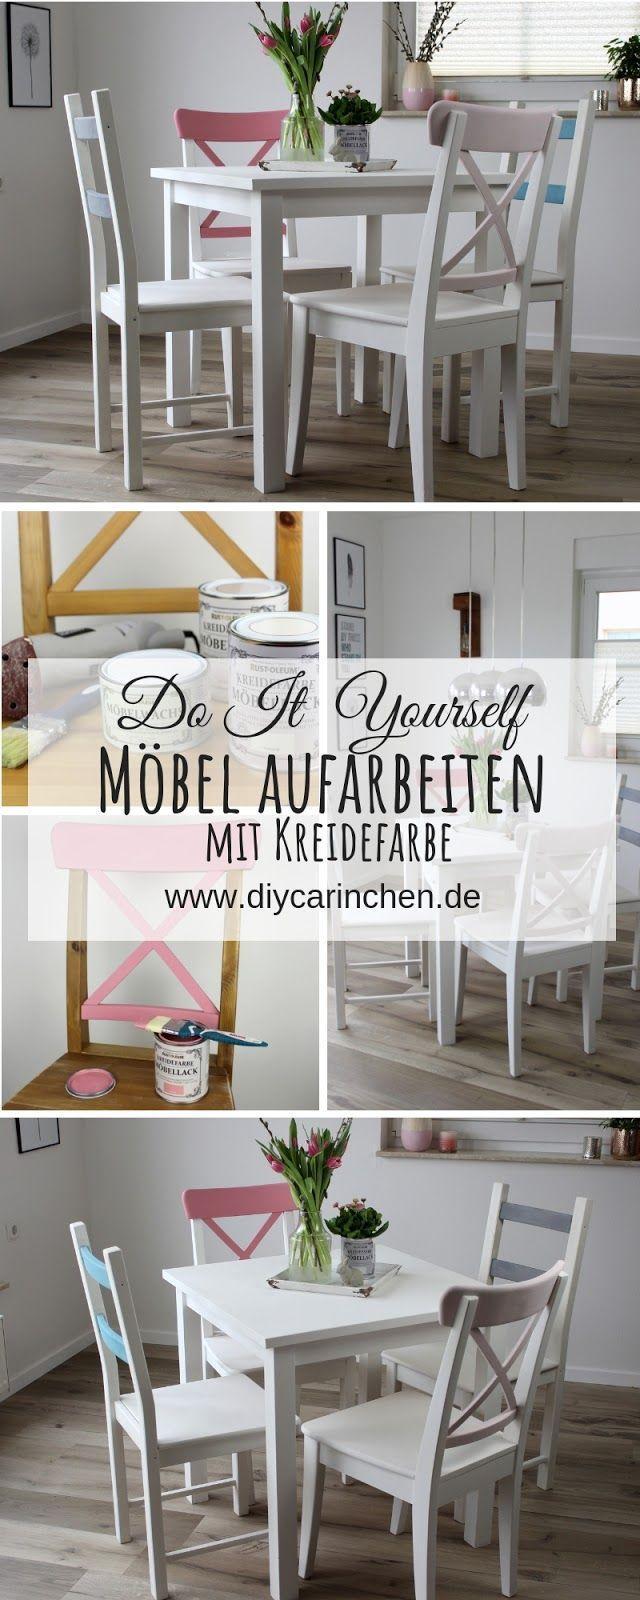 DIY: Alte Möbel aufarbeiten / upcyclen und neu streichen mit Kreidefarbe #oldfurniture